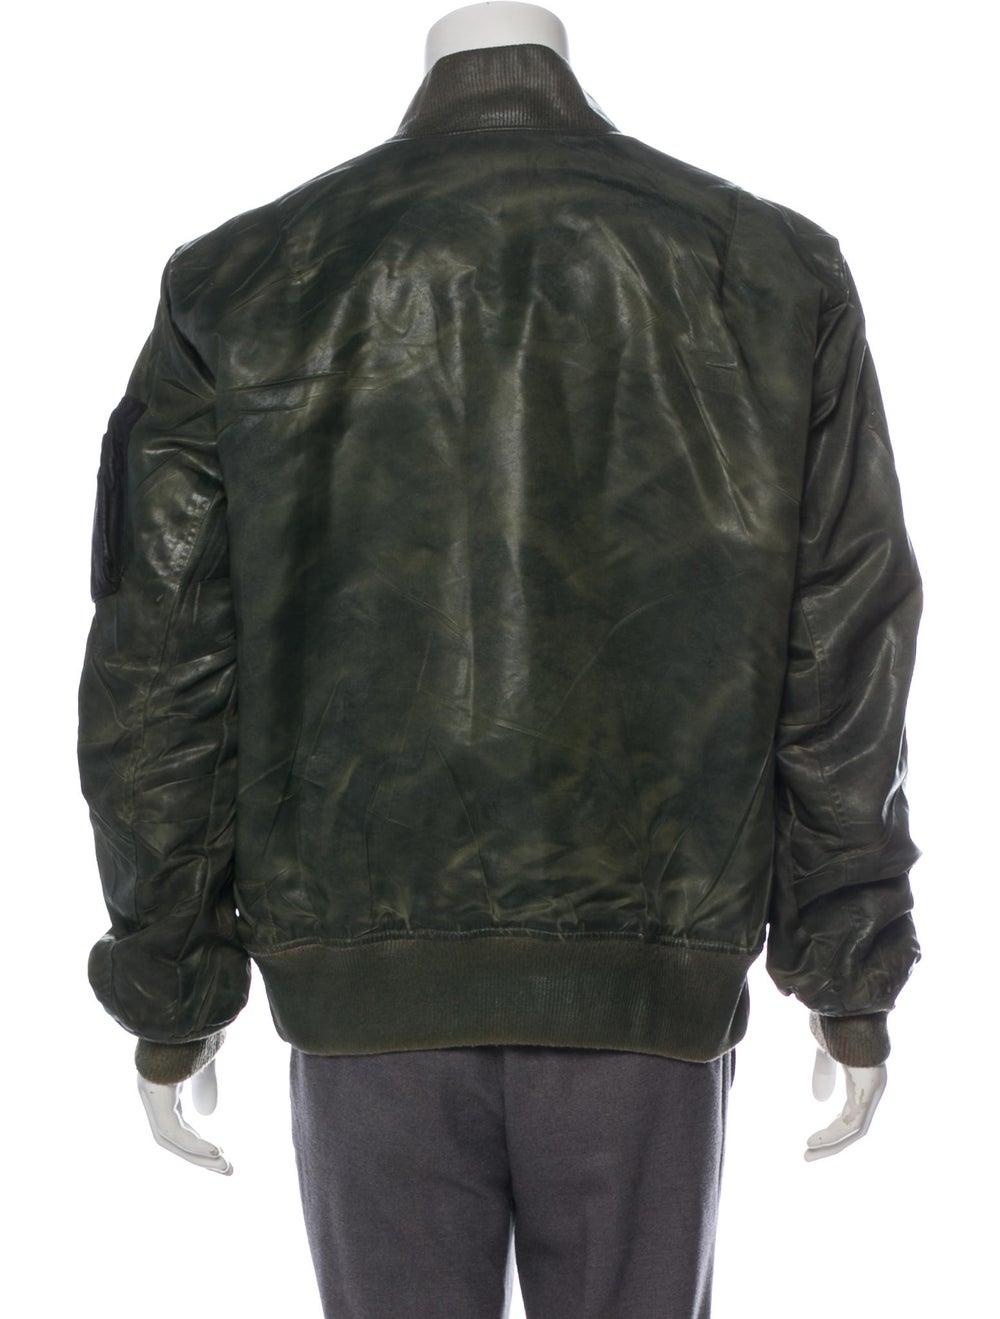 Antonio Barragan Wax Bomber Jacket green - image 3